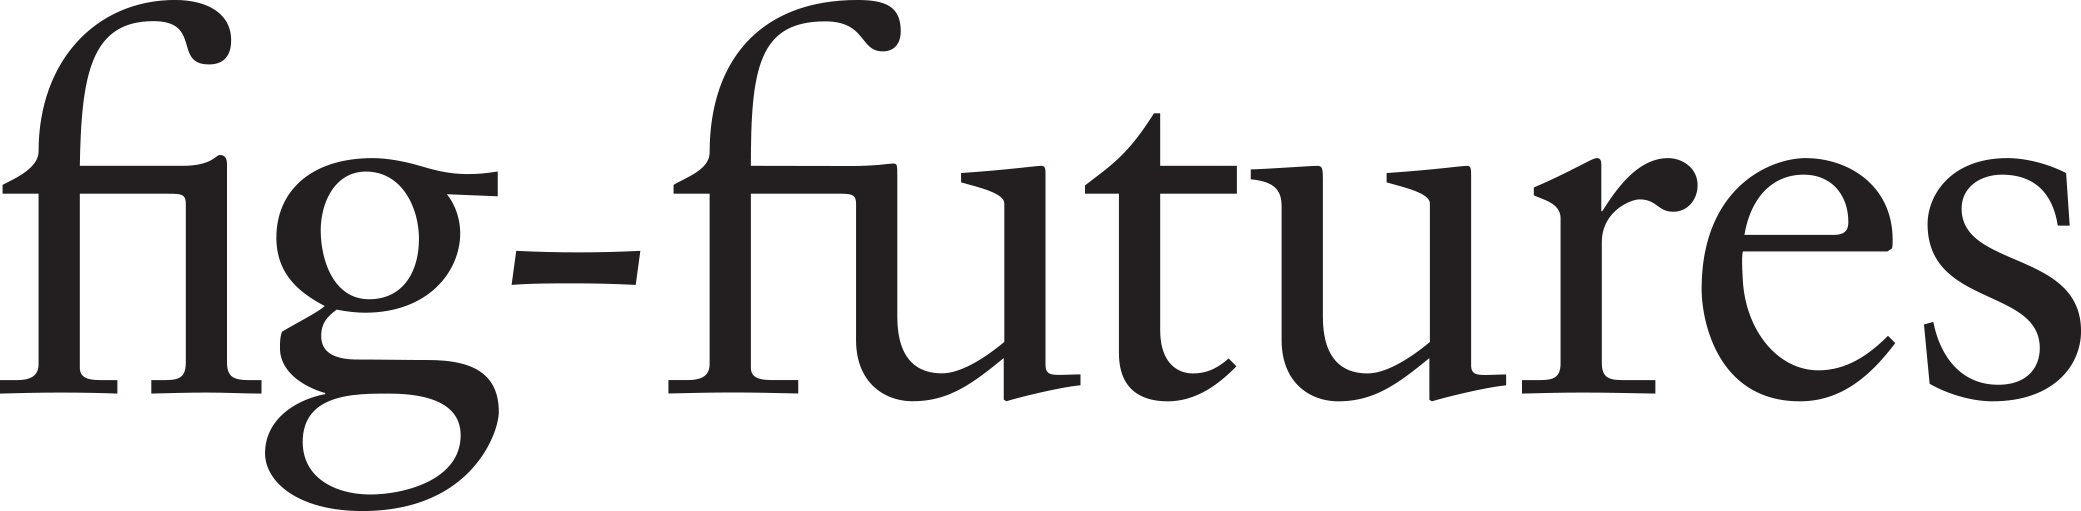 fig-futures